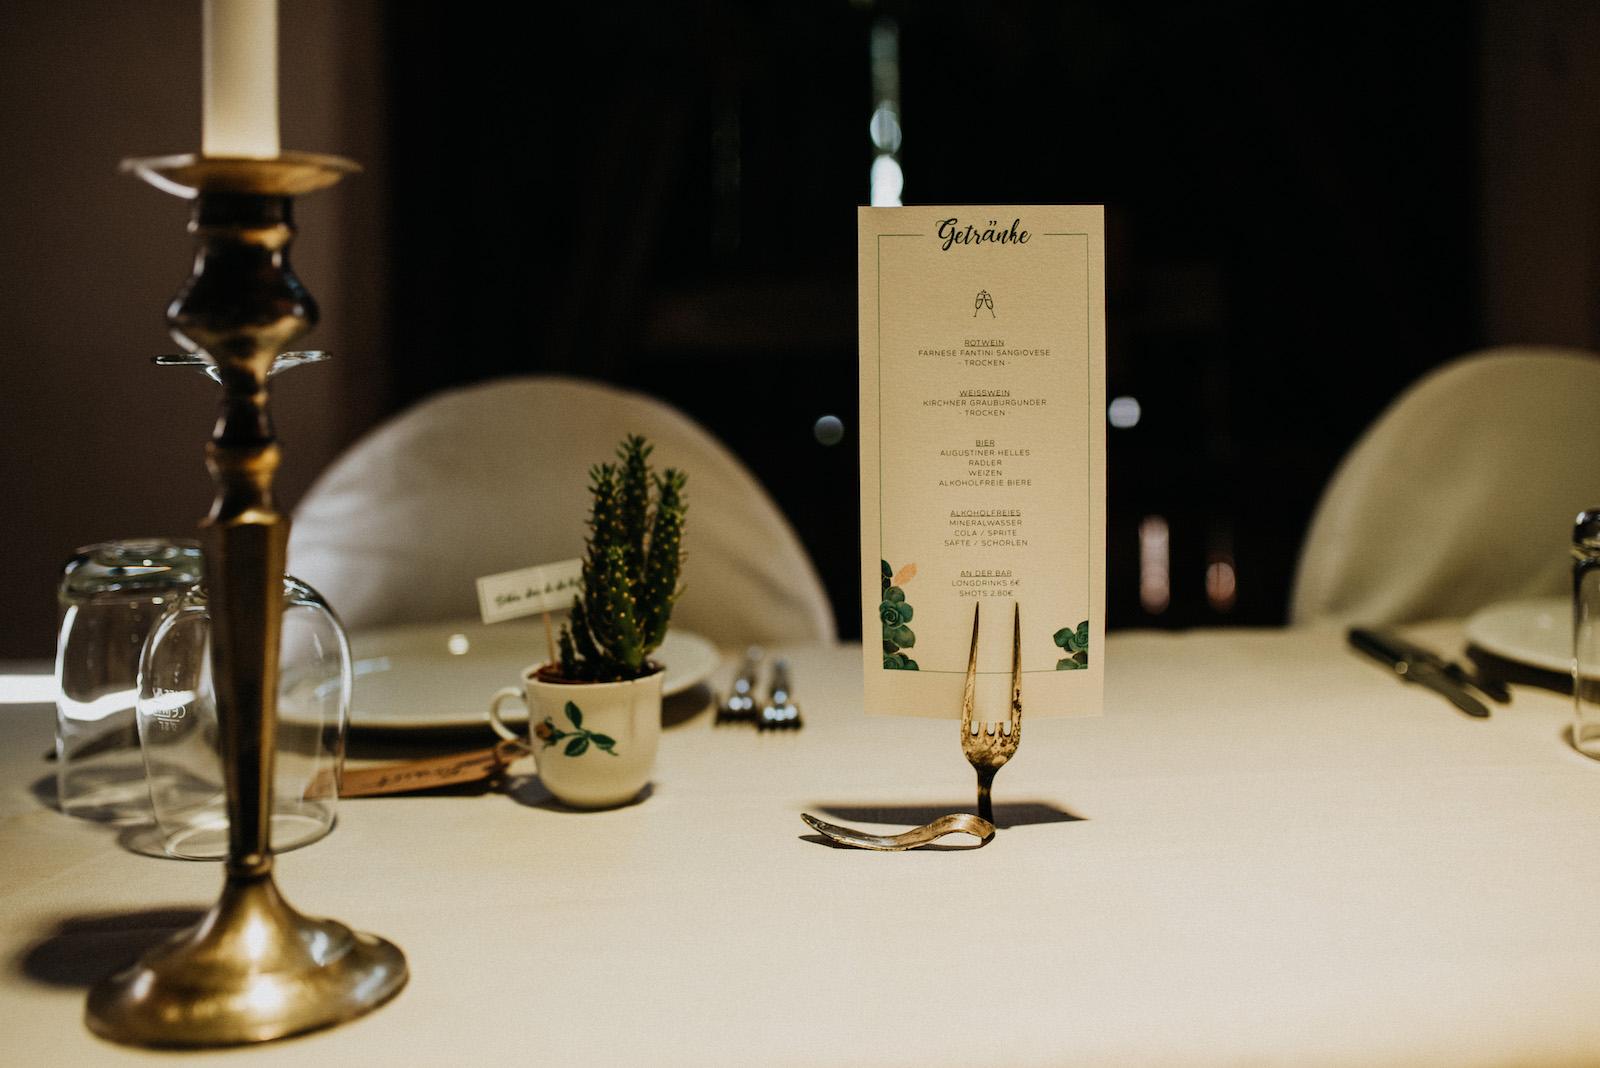 Tischdeko-Gut-Moenkhof-Luebeck